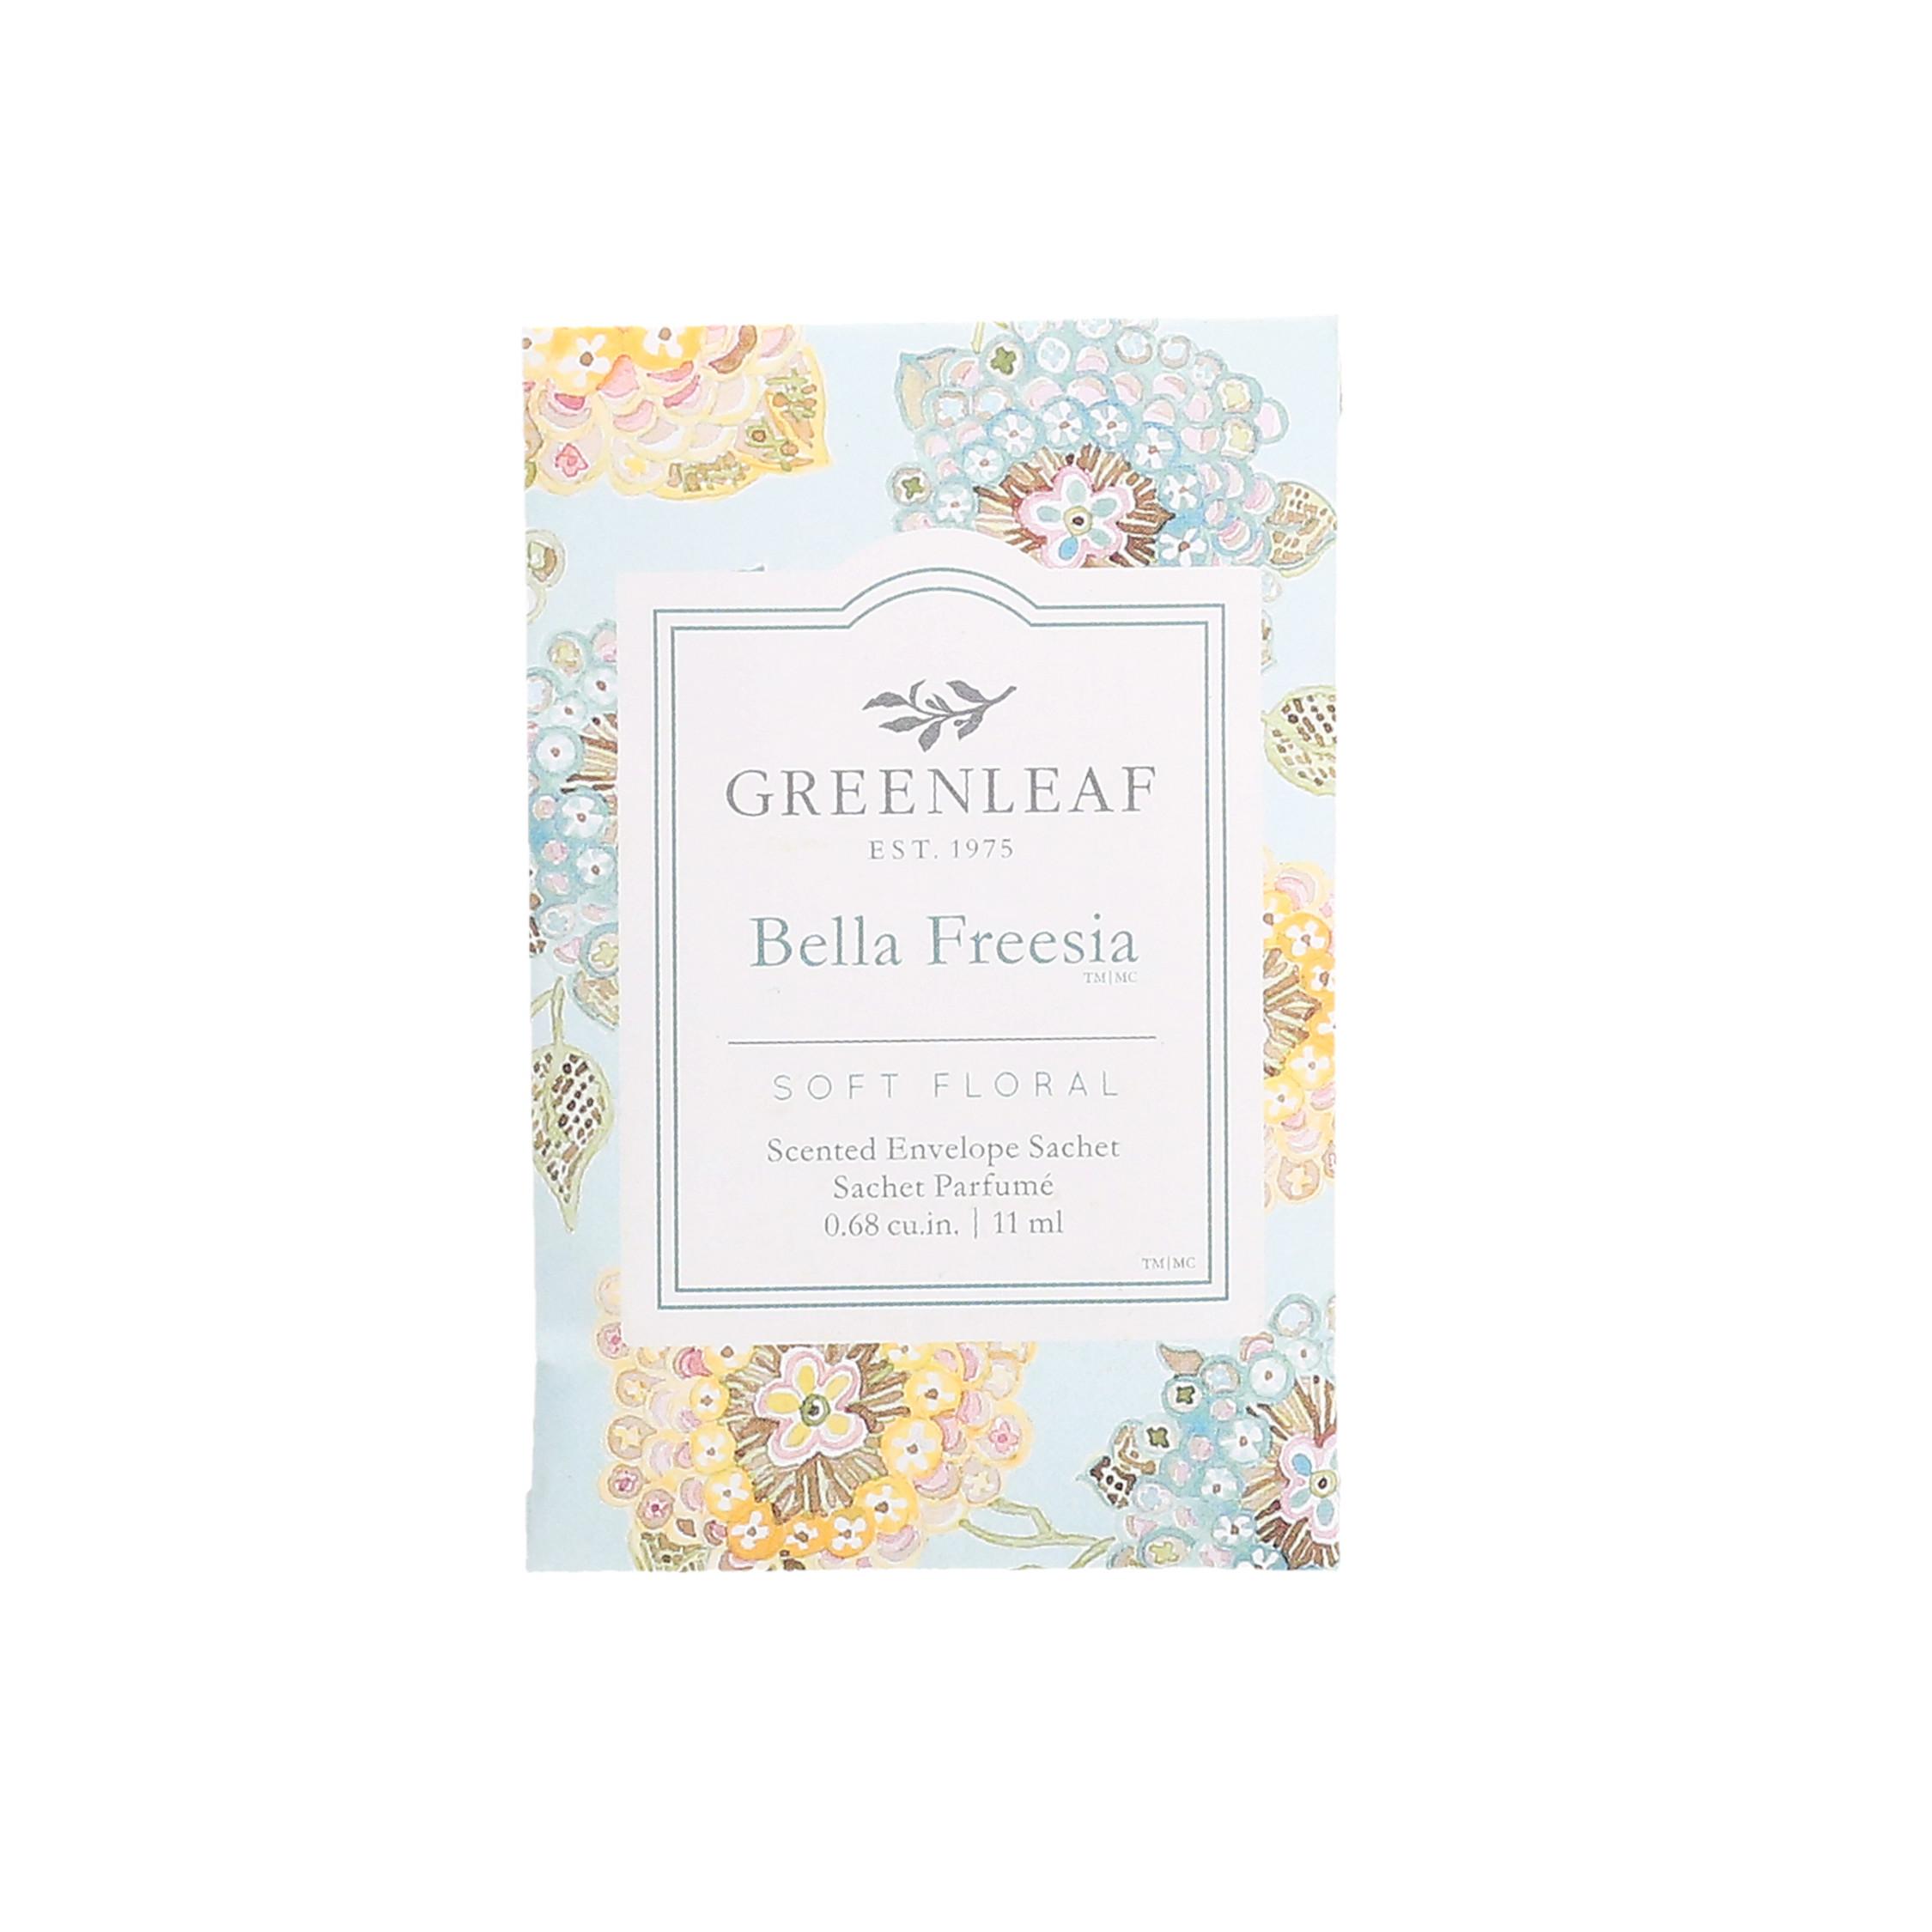 Bella Freesia Duftsachet (klein)